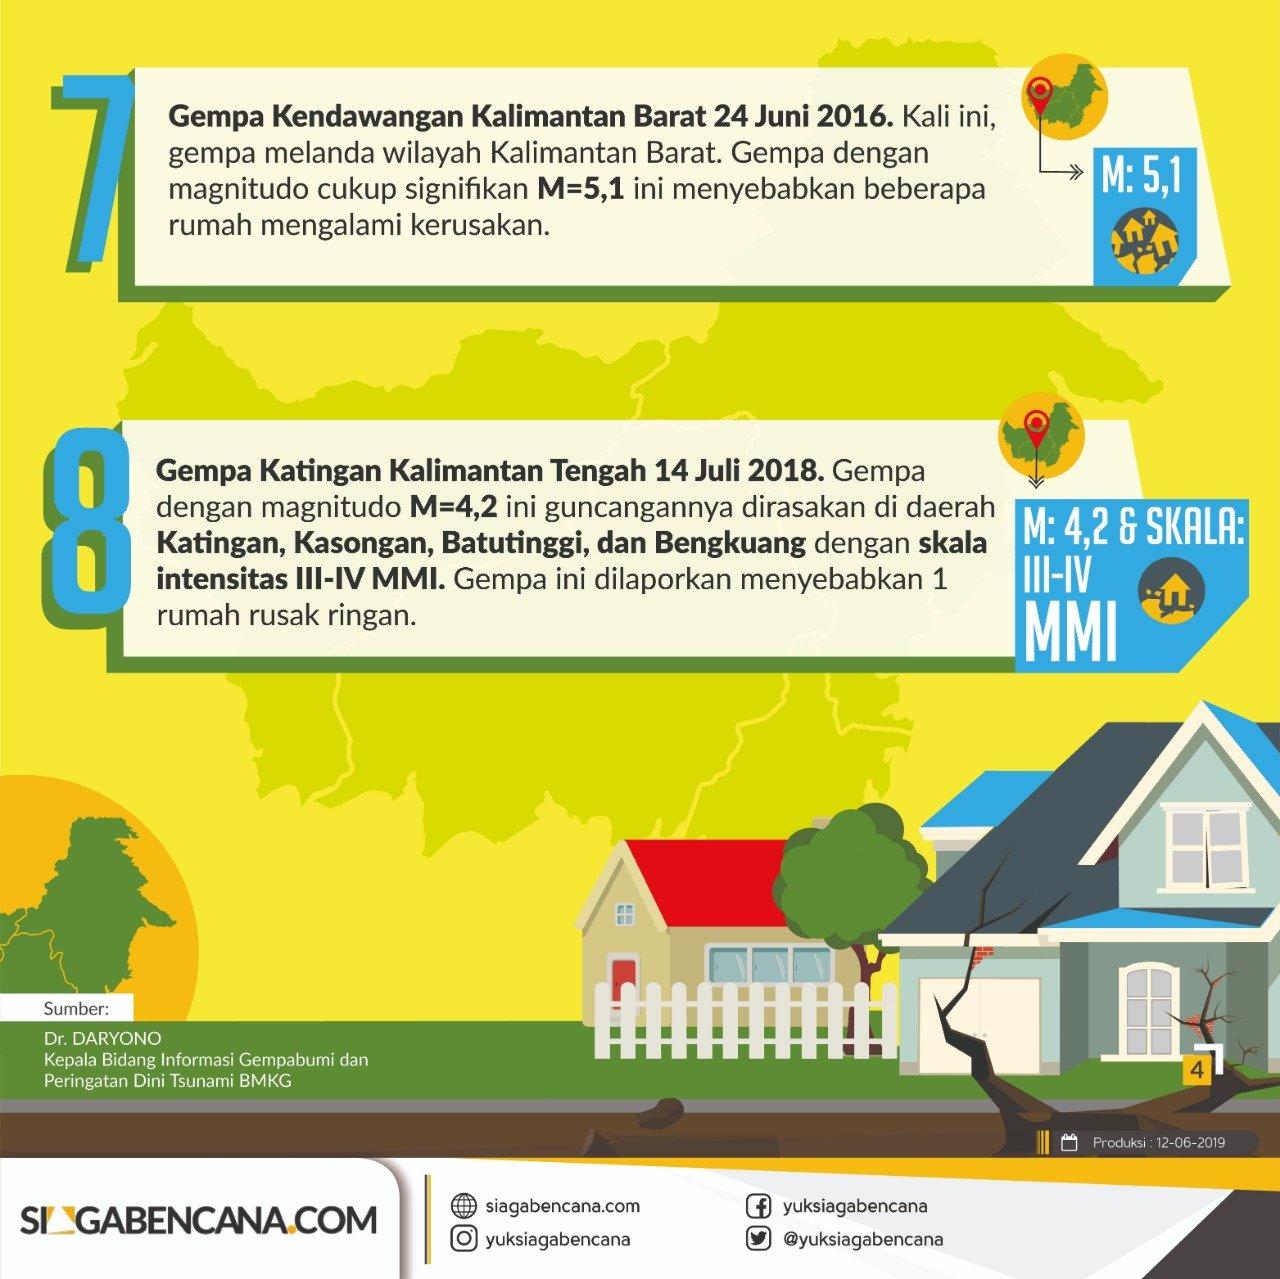 Sejarah Gempa Signifikan di Kalimantan